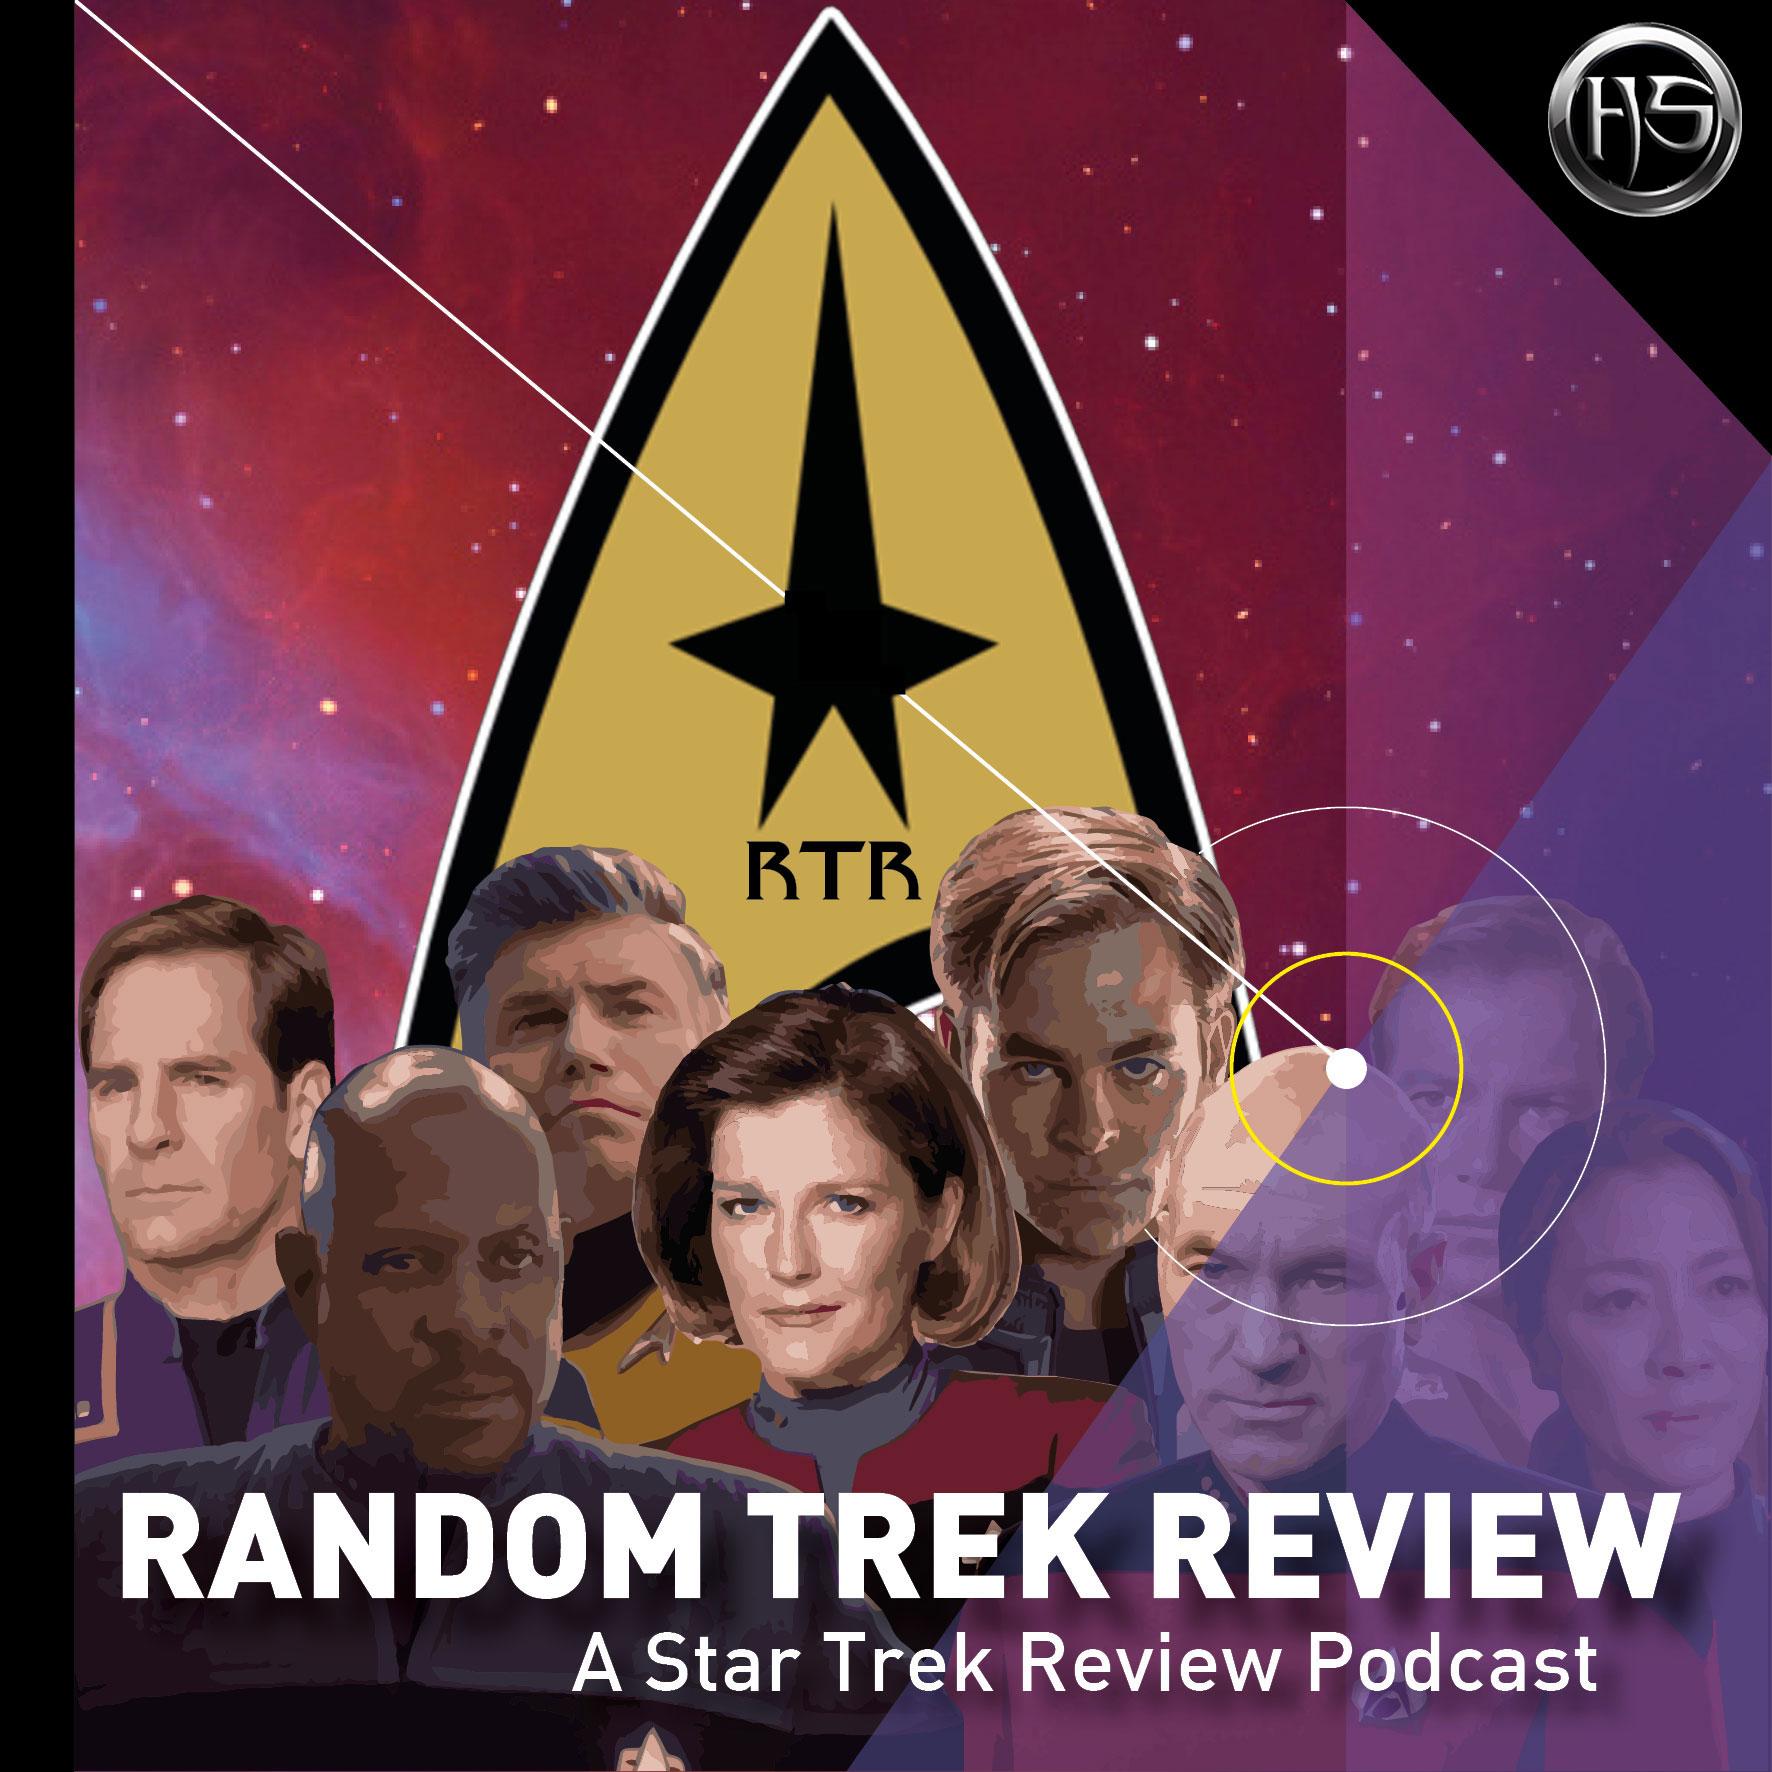 Random Trek Review Podcast